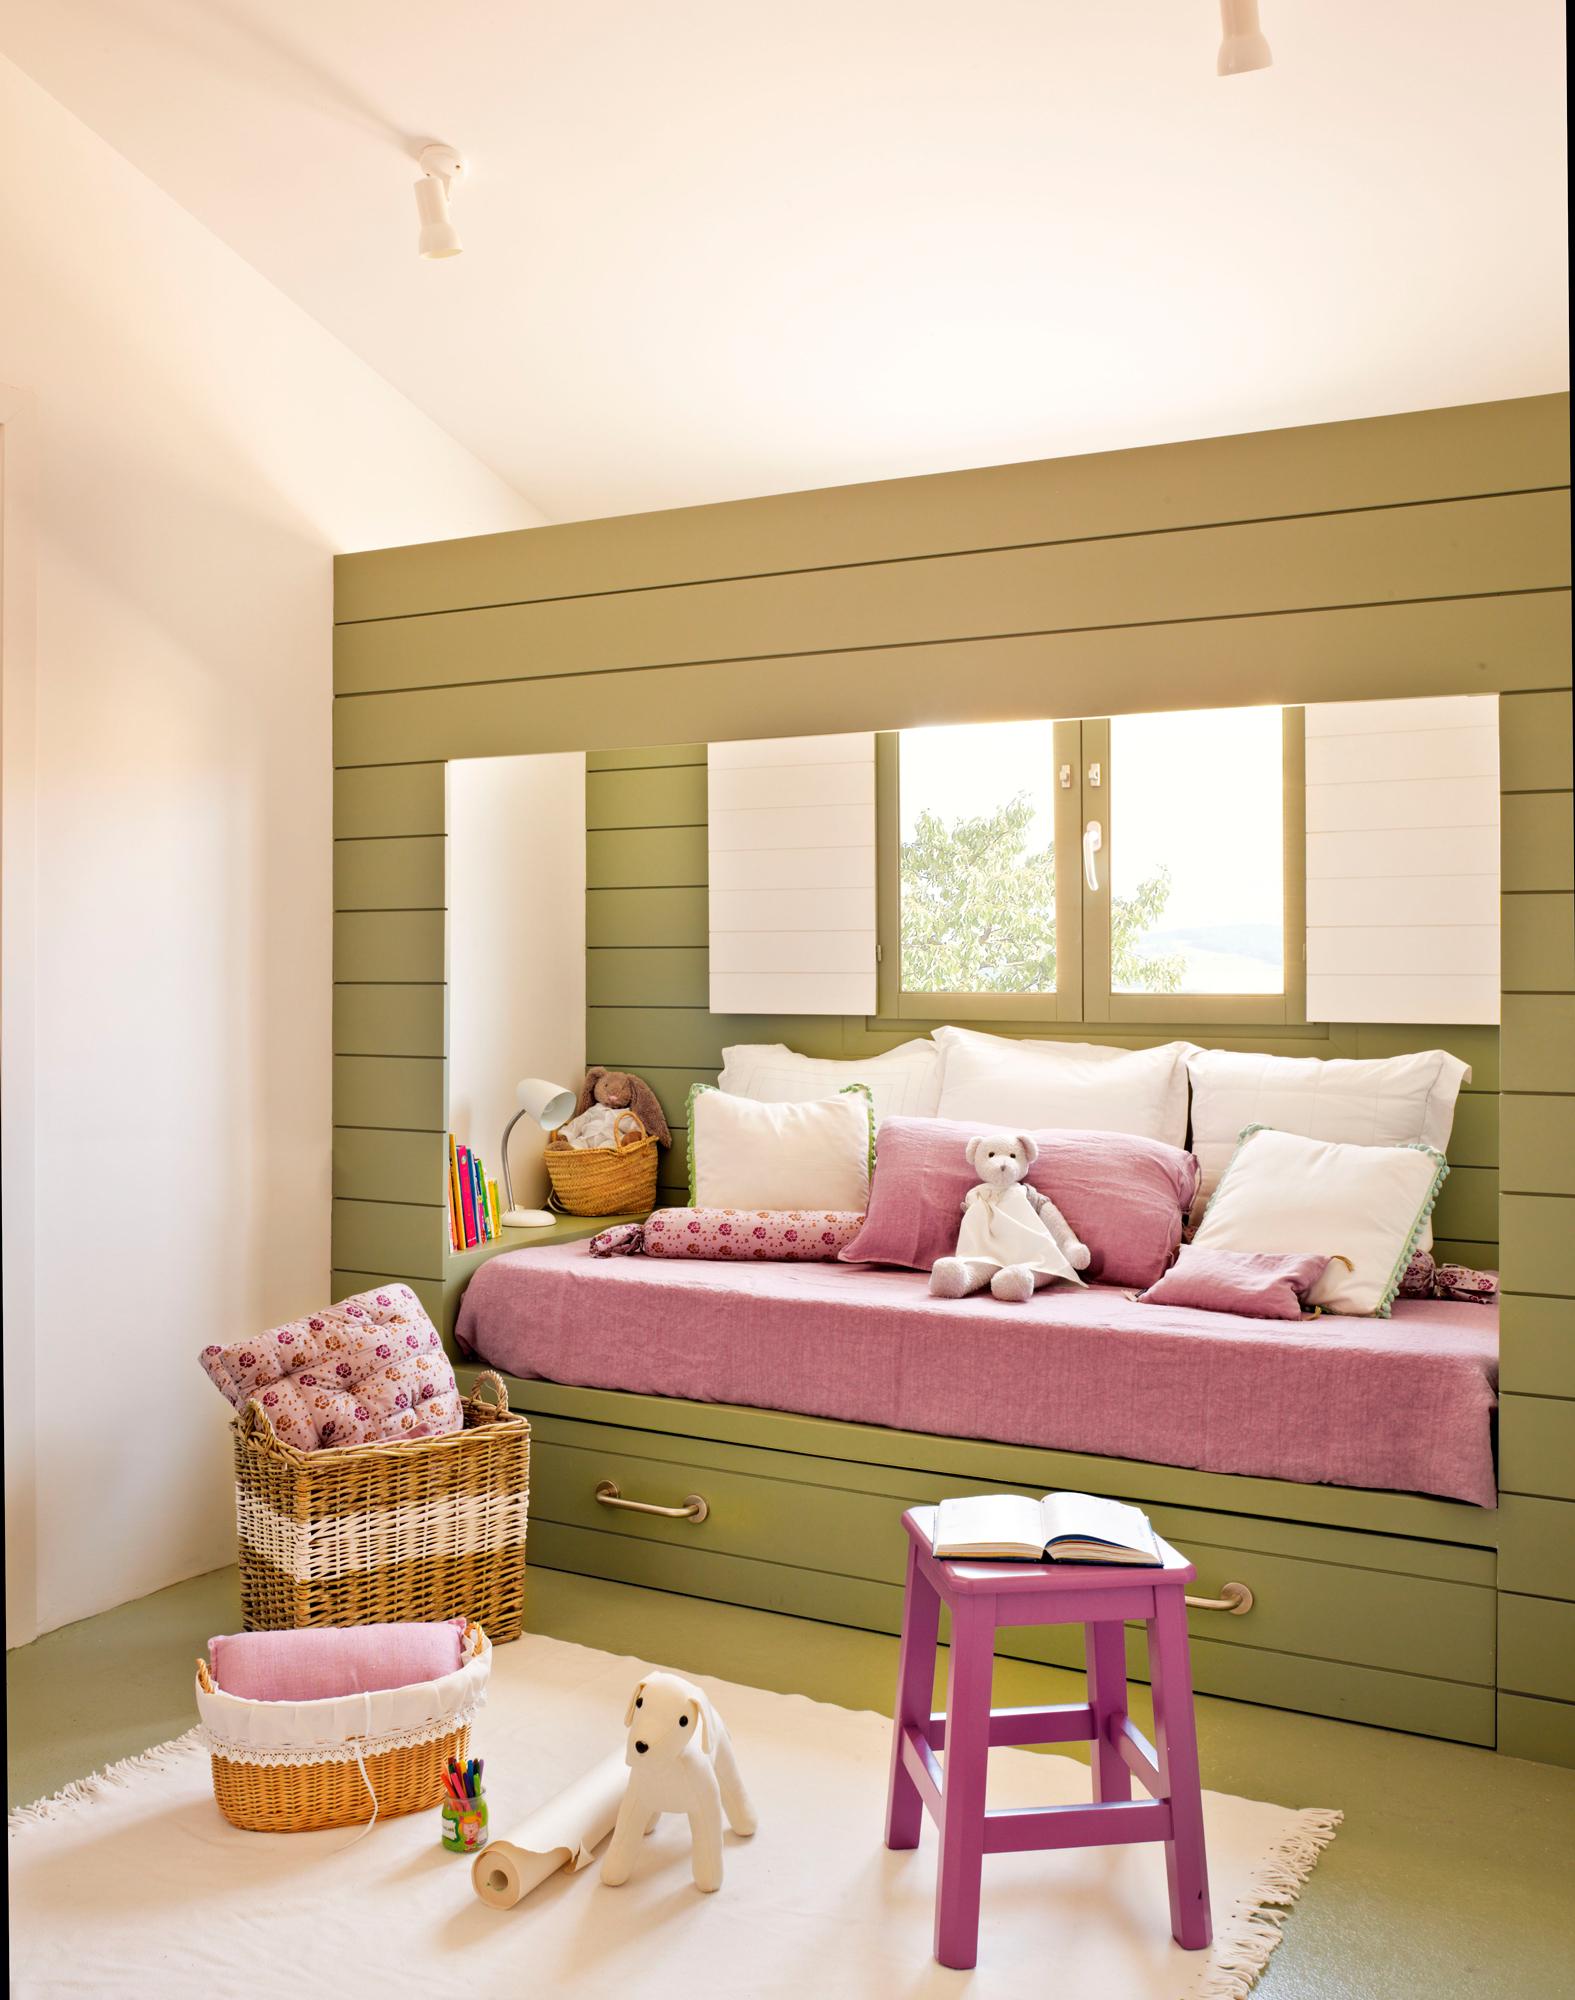 Esta casa es como un traje a medida Interiores de casas pequenas y sencillas